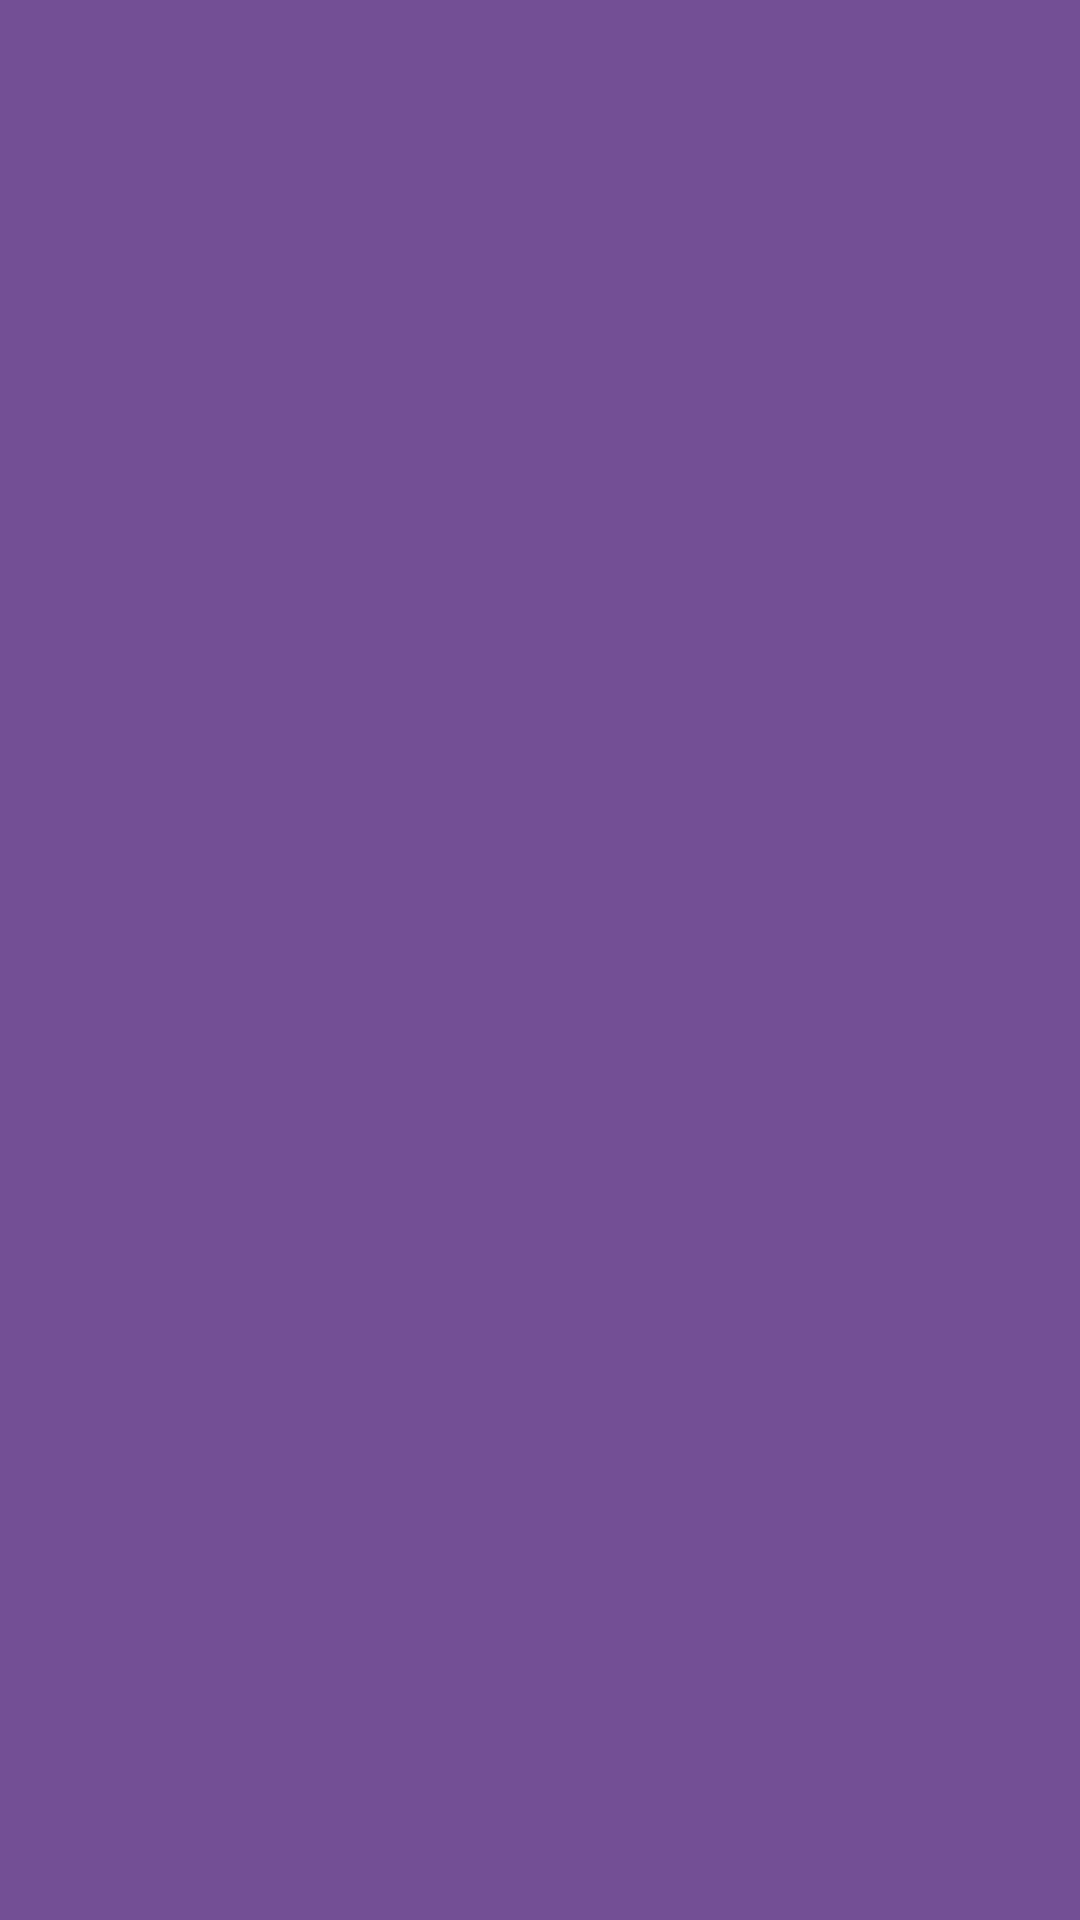 1080x1920 Dark Lavender Solid Color Background